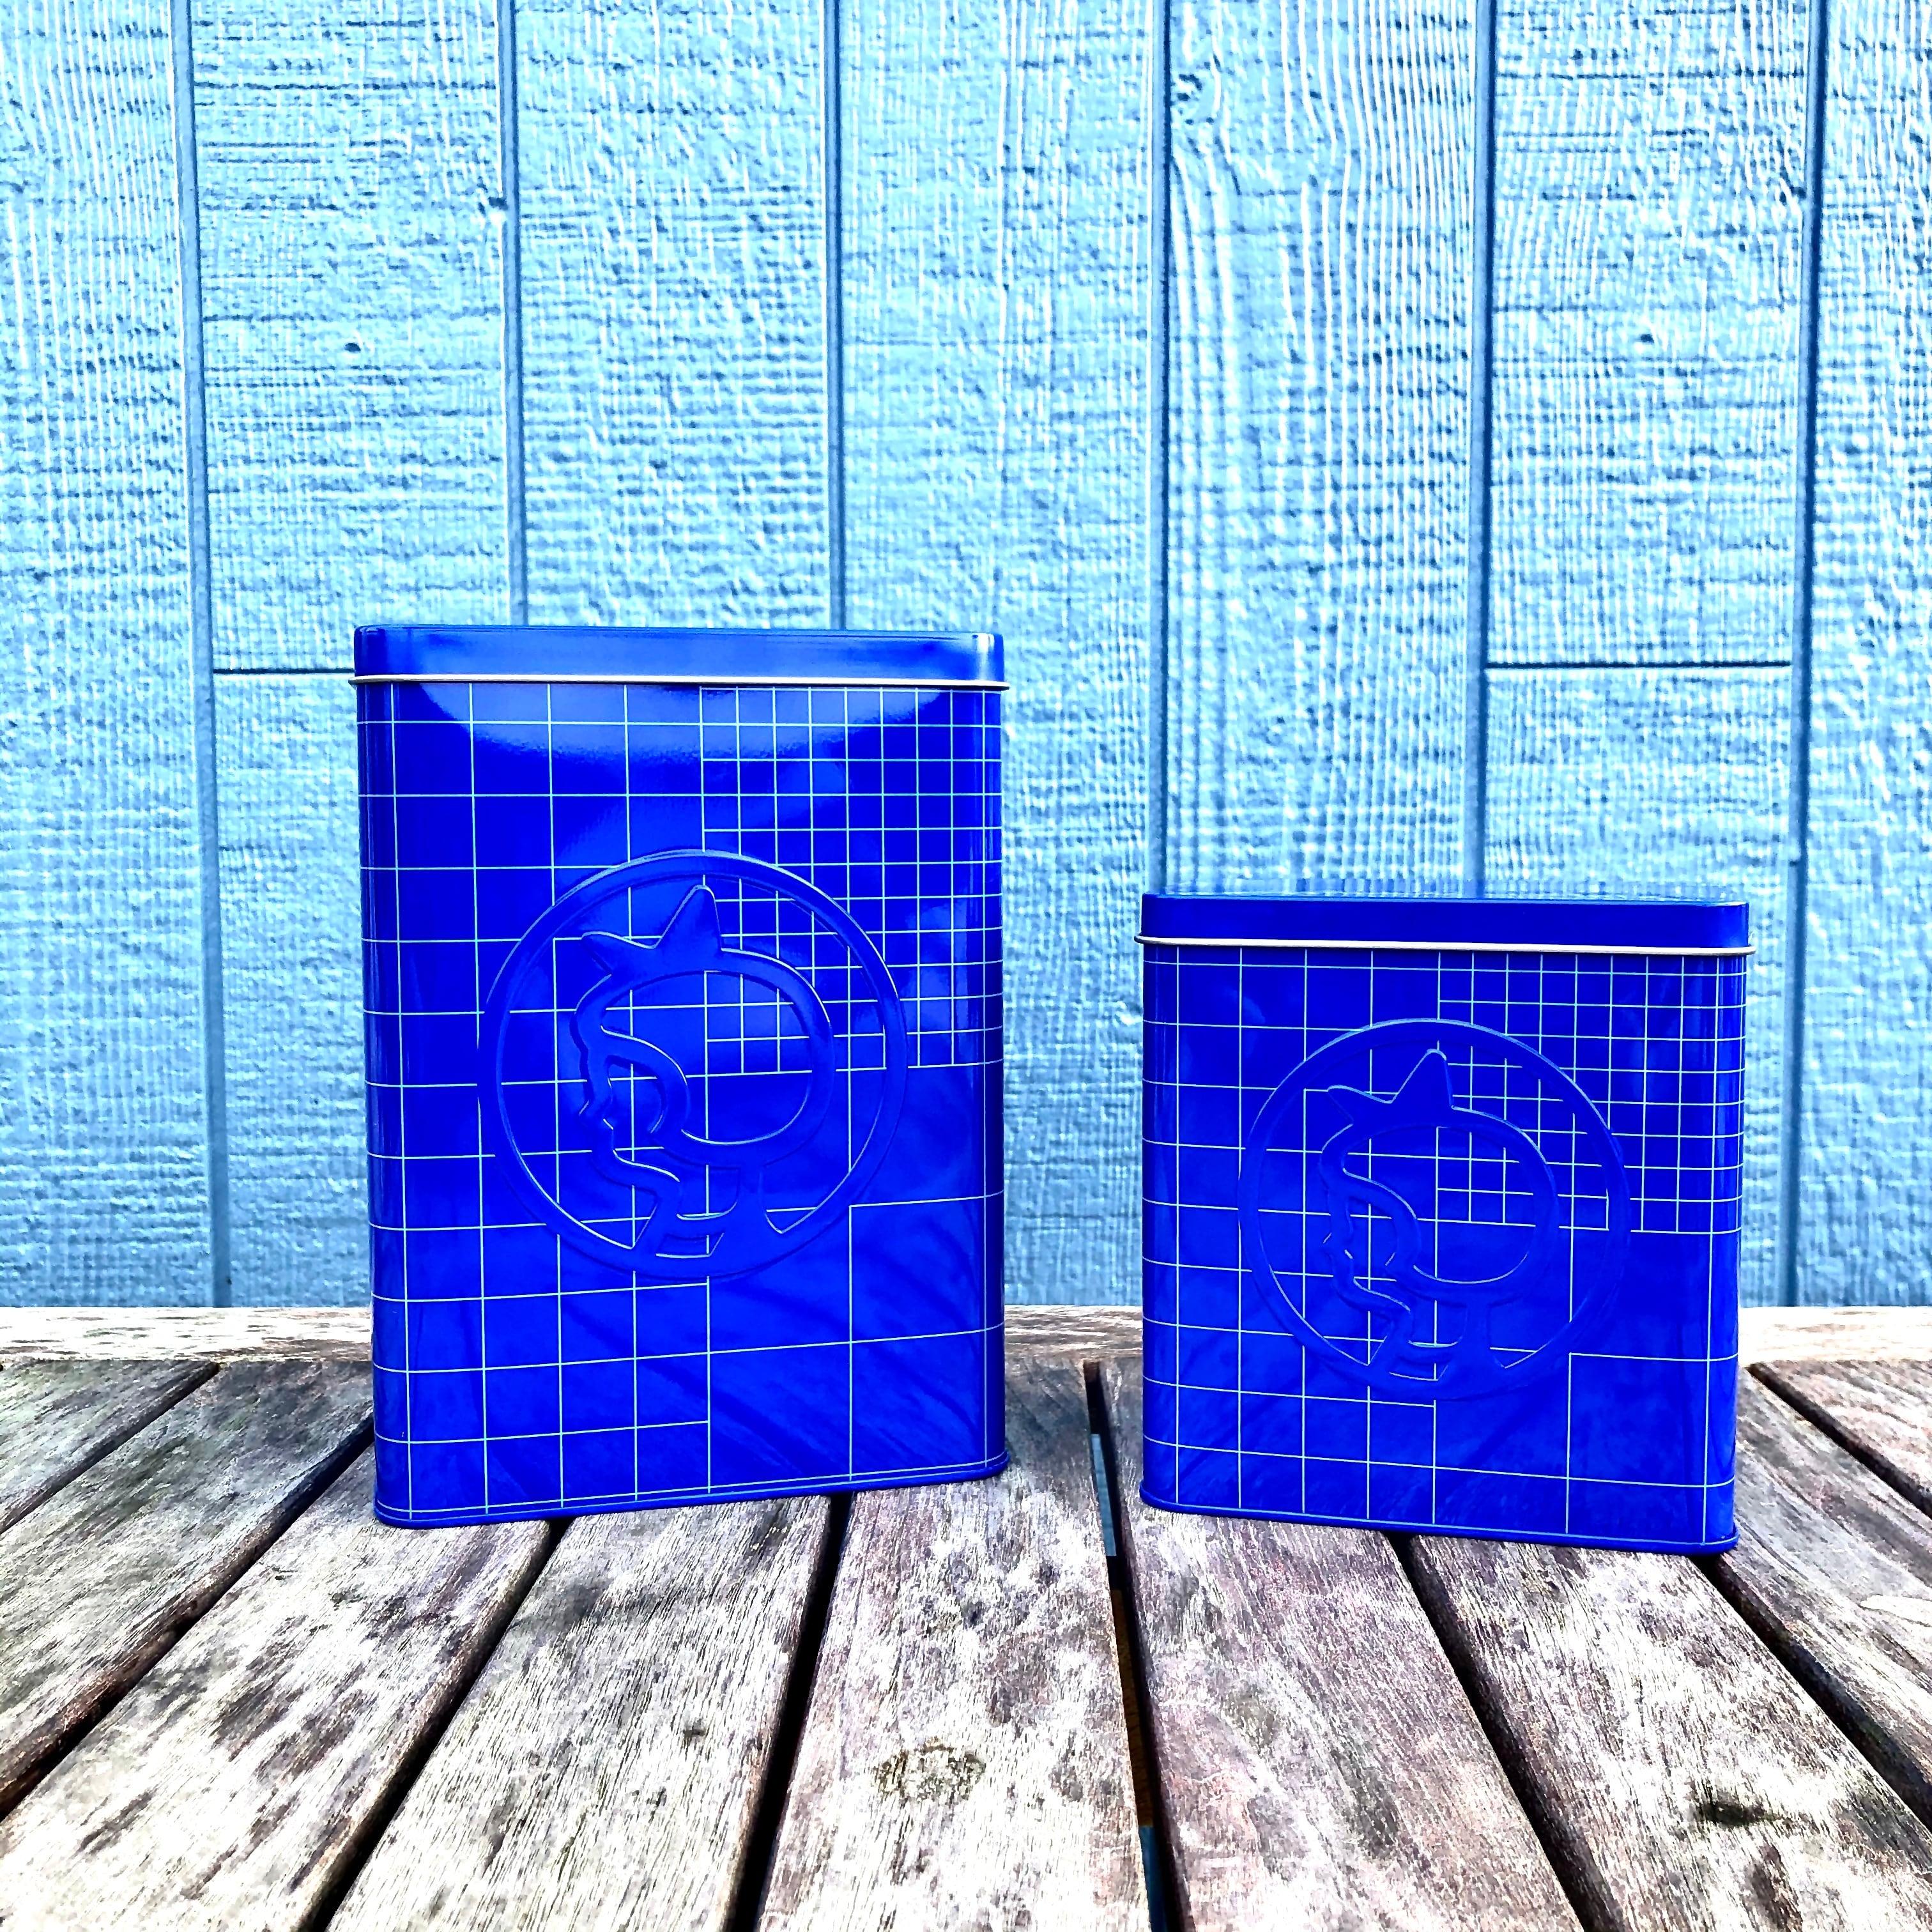 Irma イヤマ キャニスター缶 / 2ps(blue)